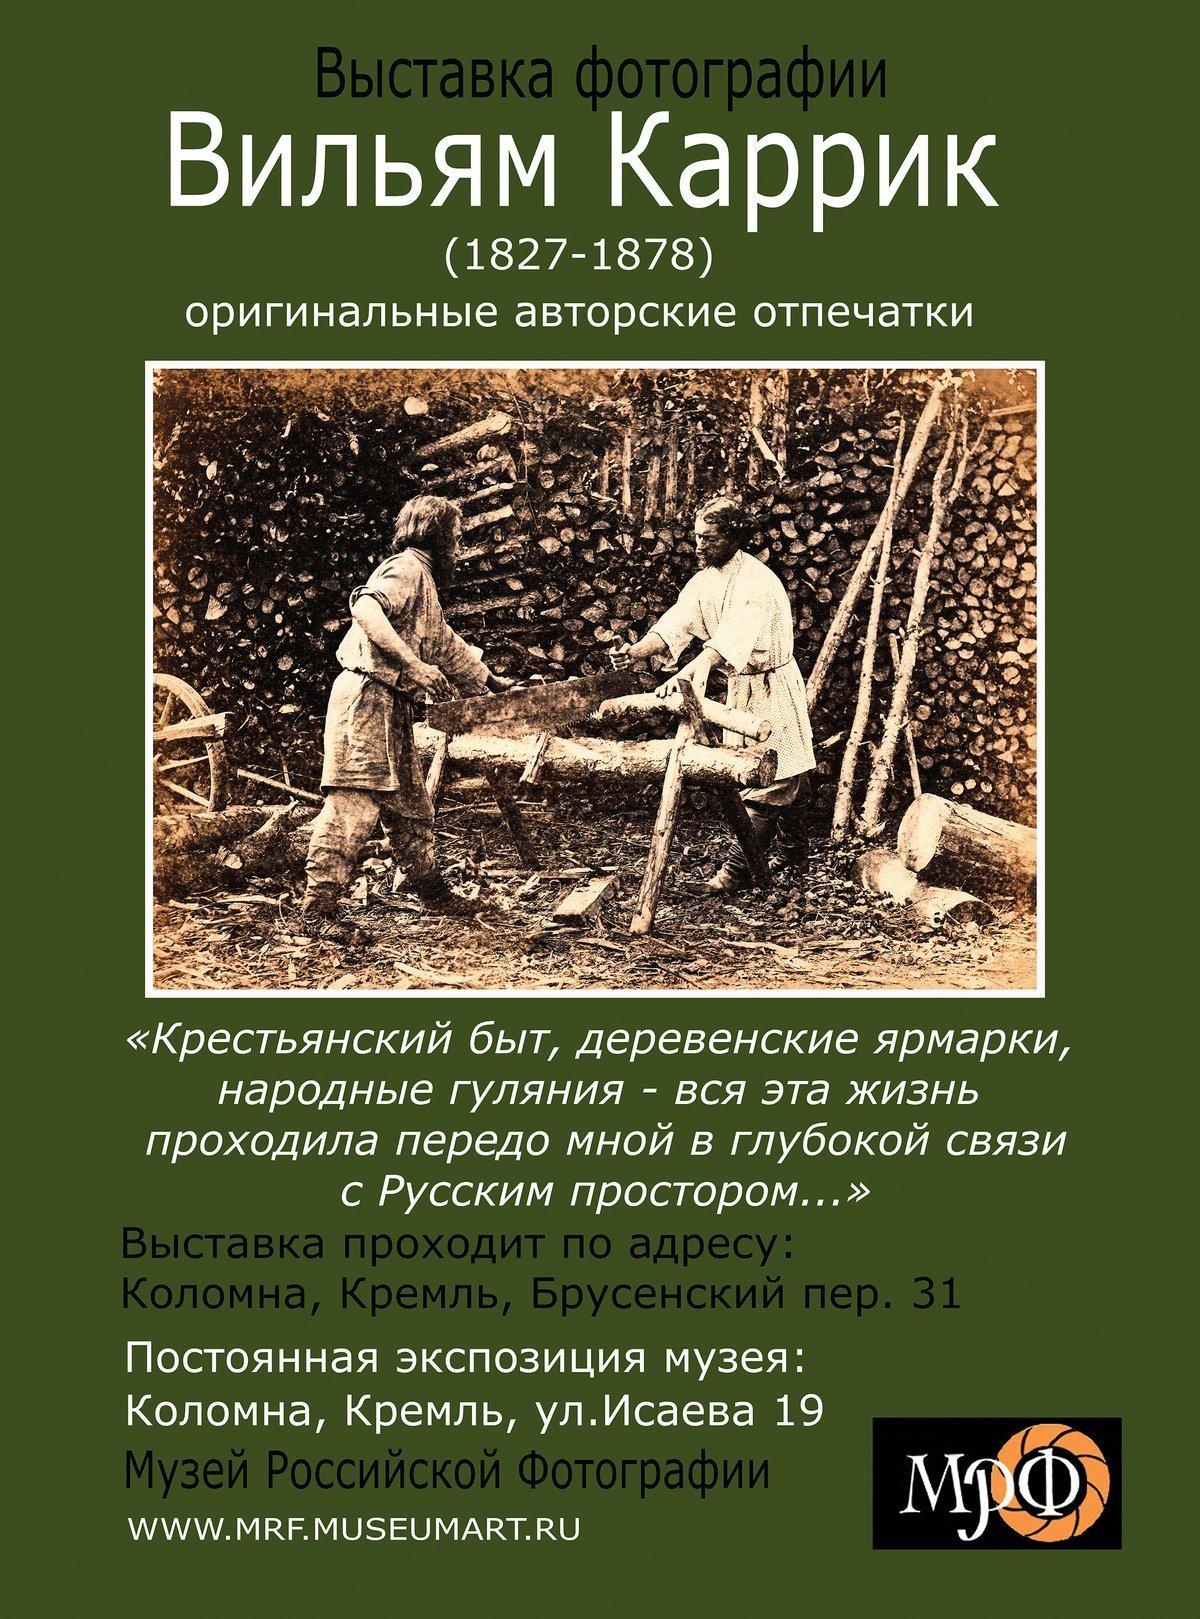 «Вильям Каррик». Выставка в Музее Российской Фотографии